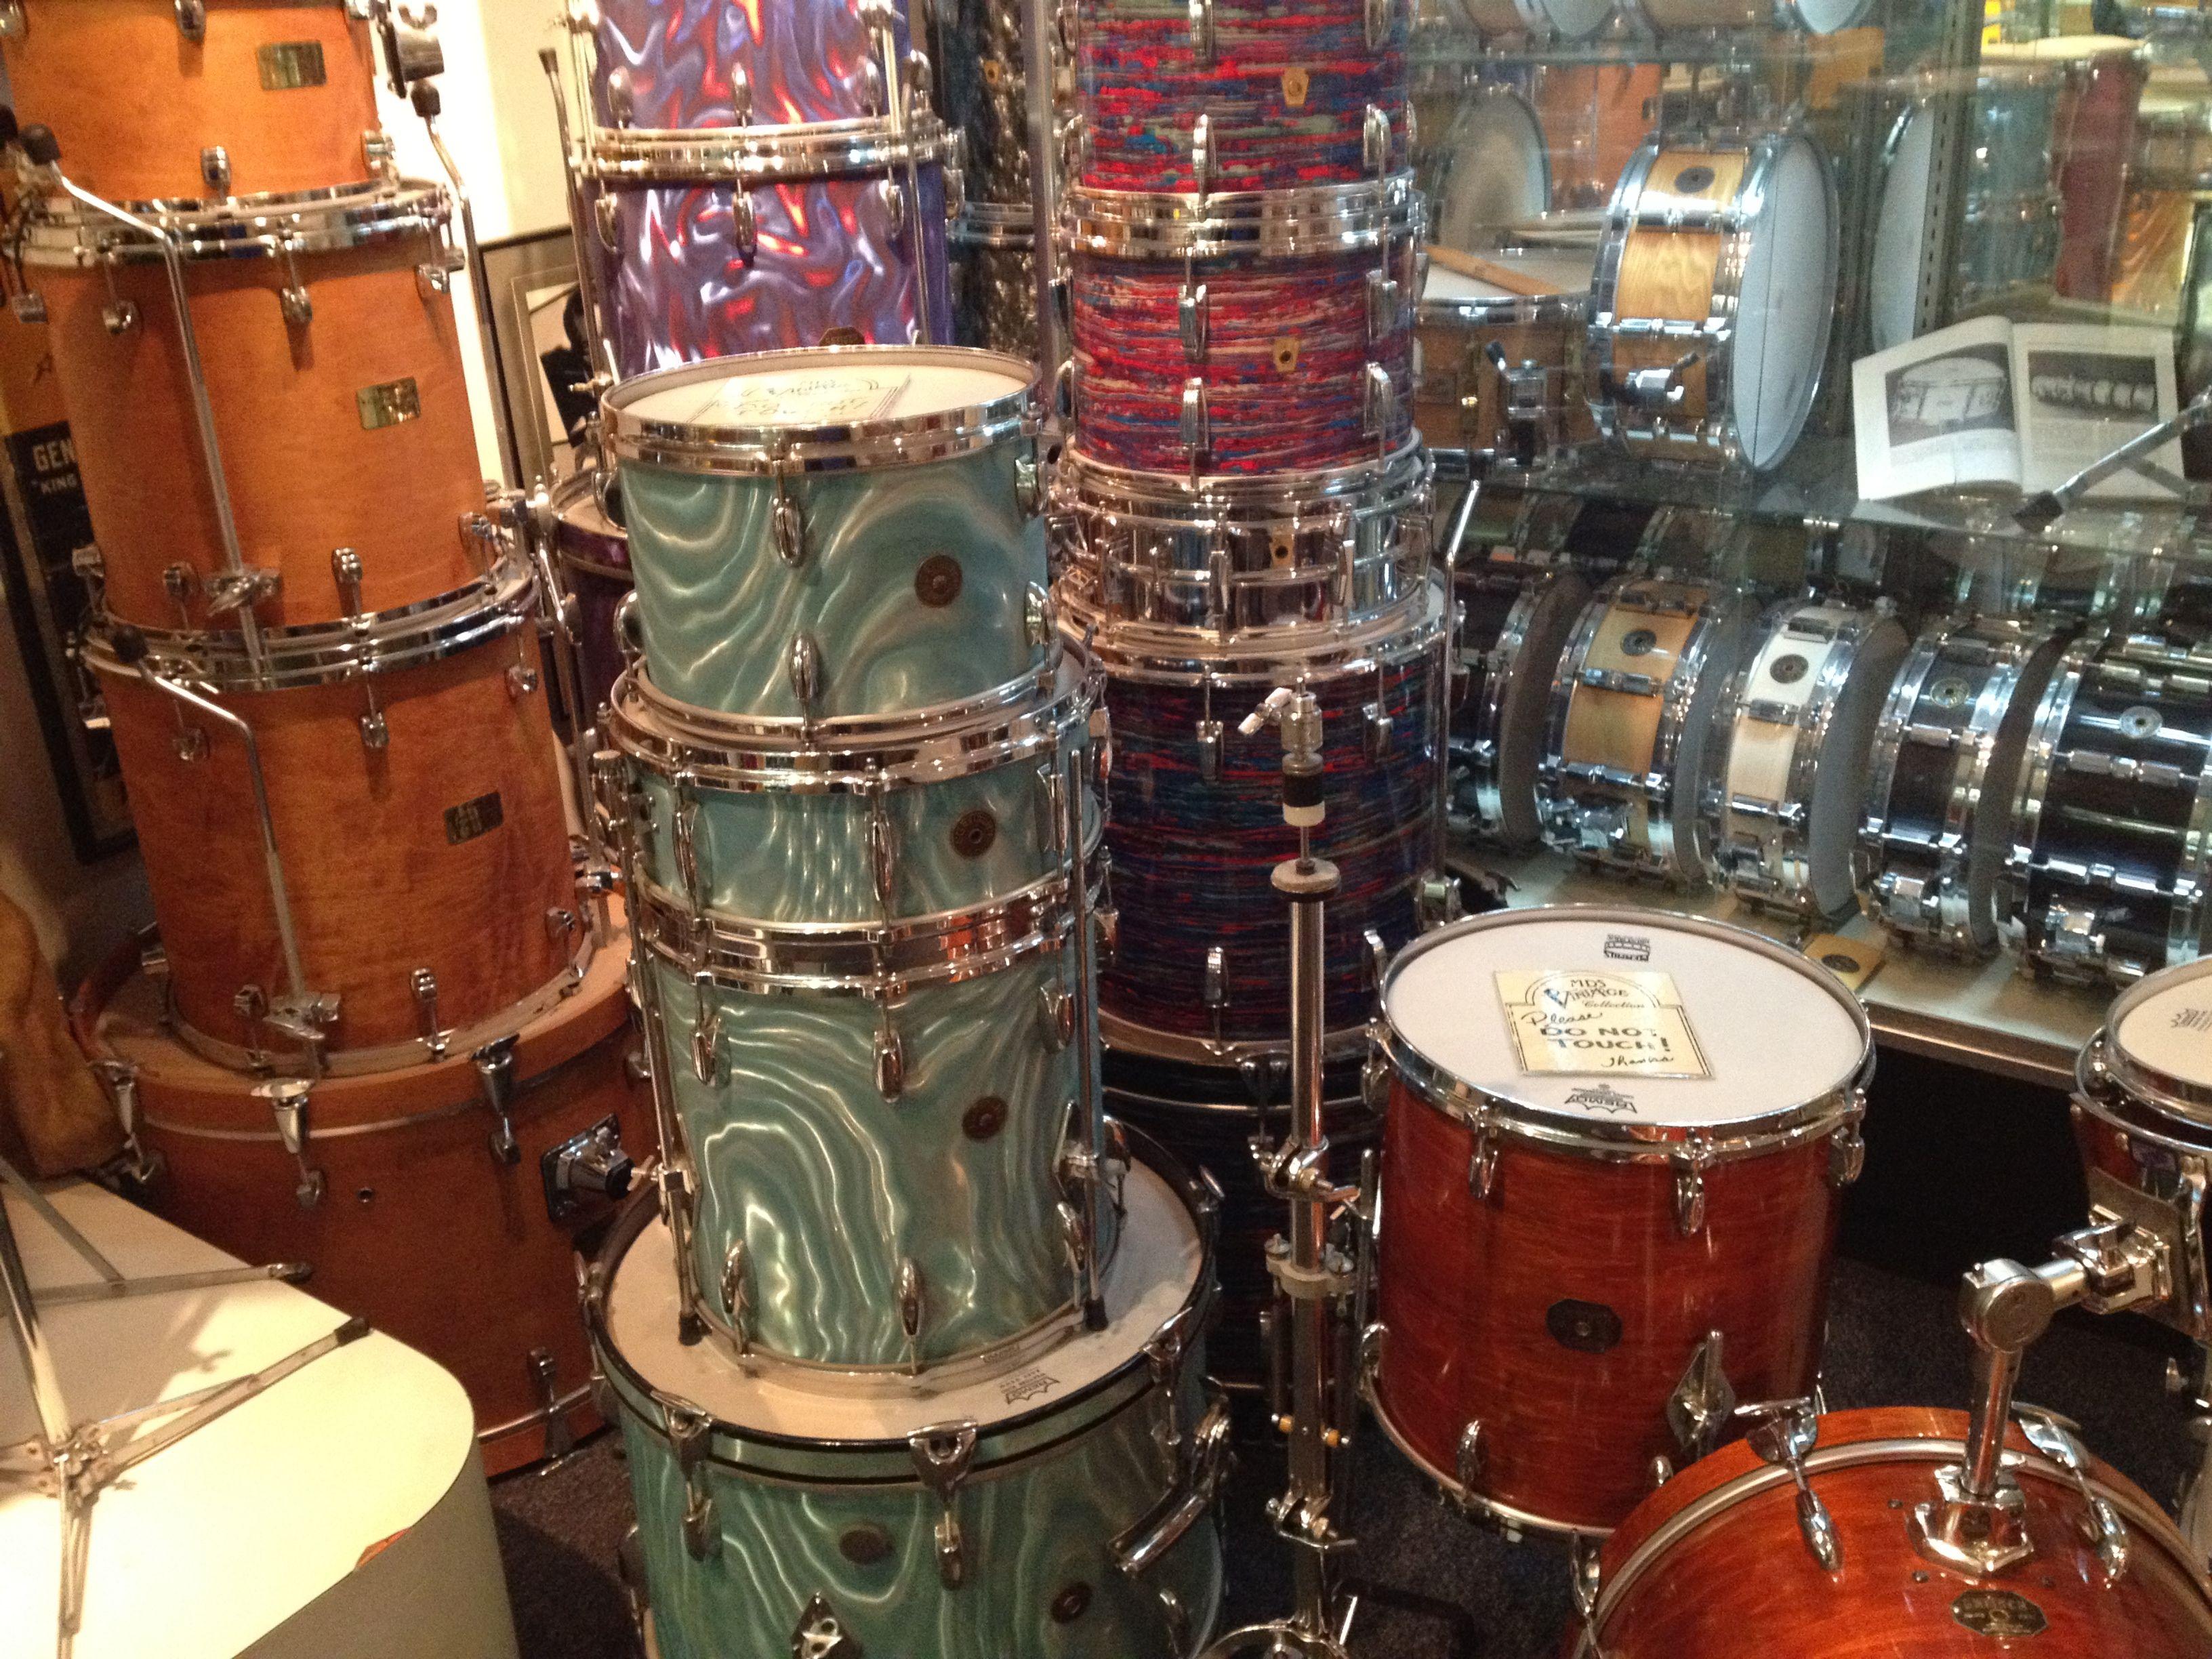 Vintage Kits At Memphis Drum Shop Drum Shop Drums Drum Kits